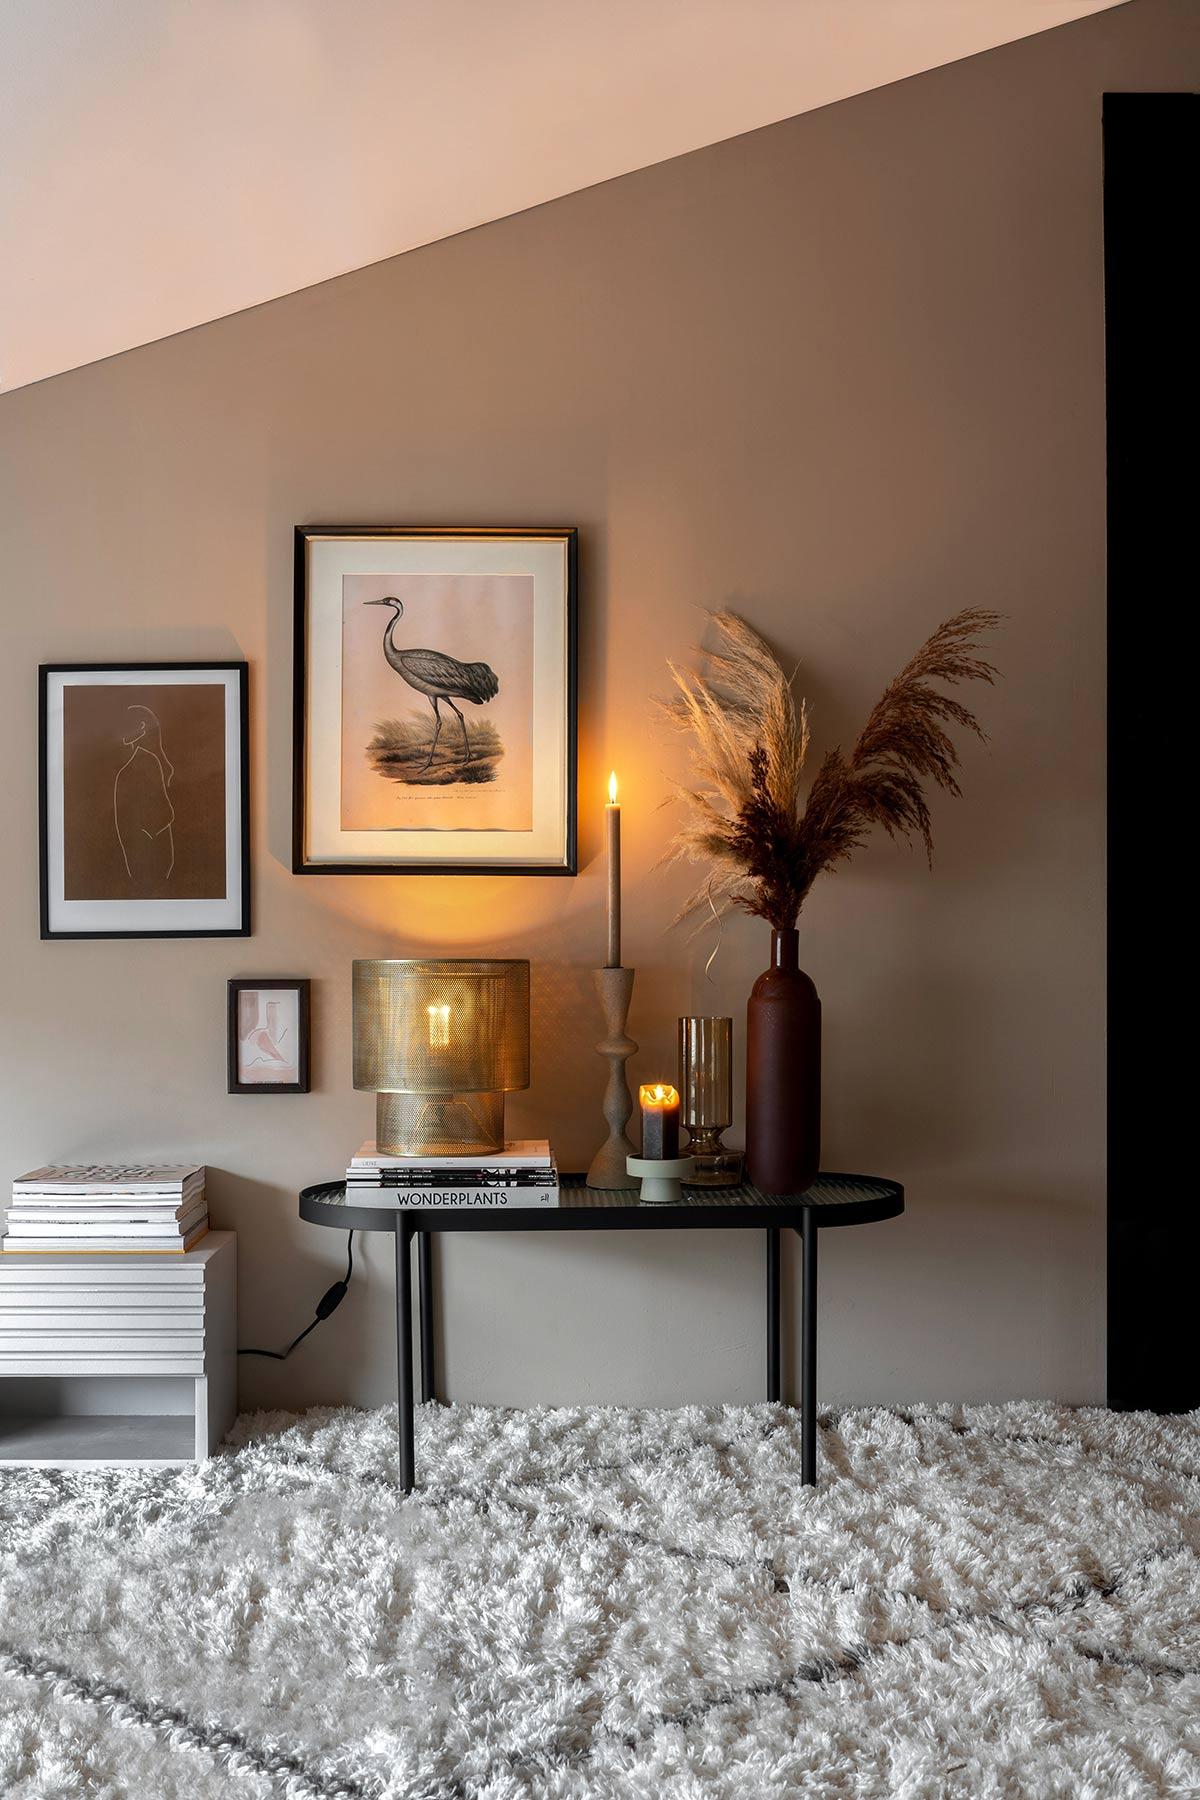 Styling winter interieur - Tanja van Hoogdalem